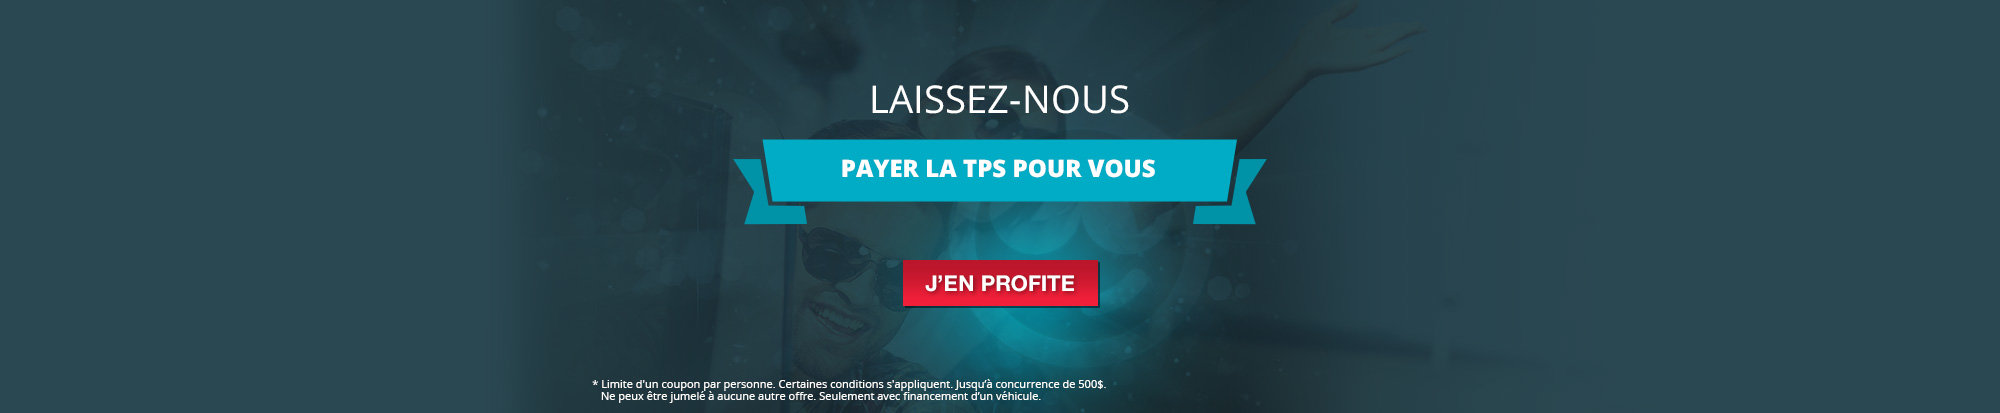 Laissez-nous payer la TPS